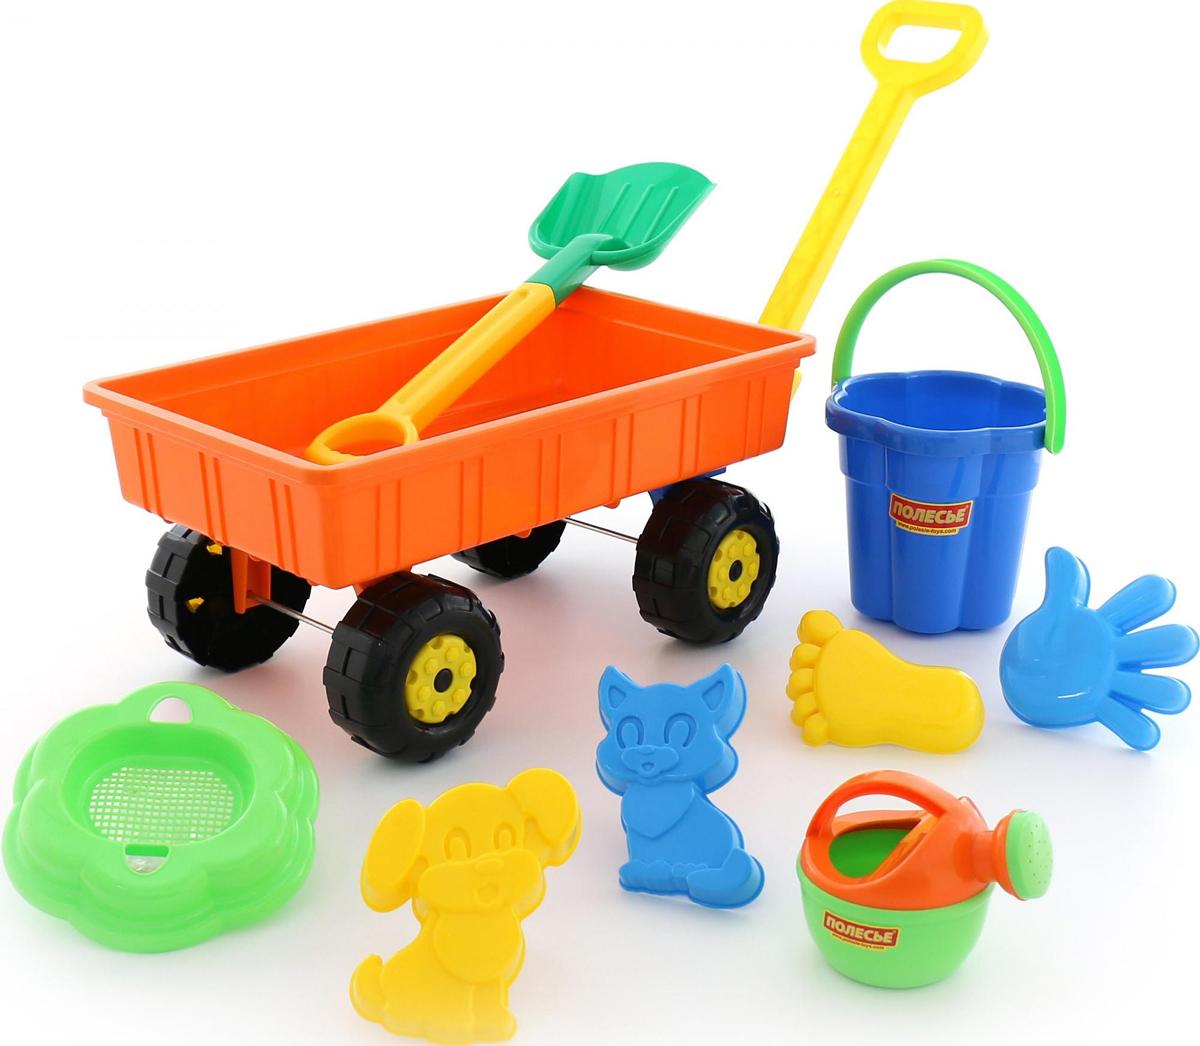 Полесье Набор игрушек для песочницы №382 - Игры на открытом воздухе